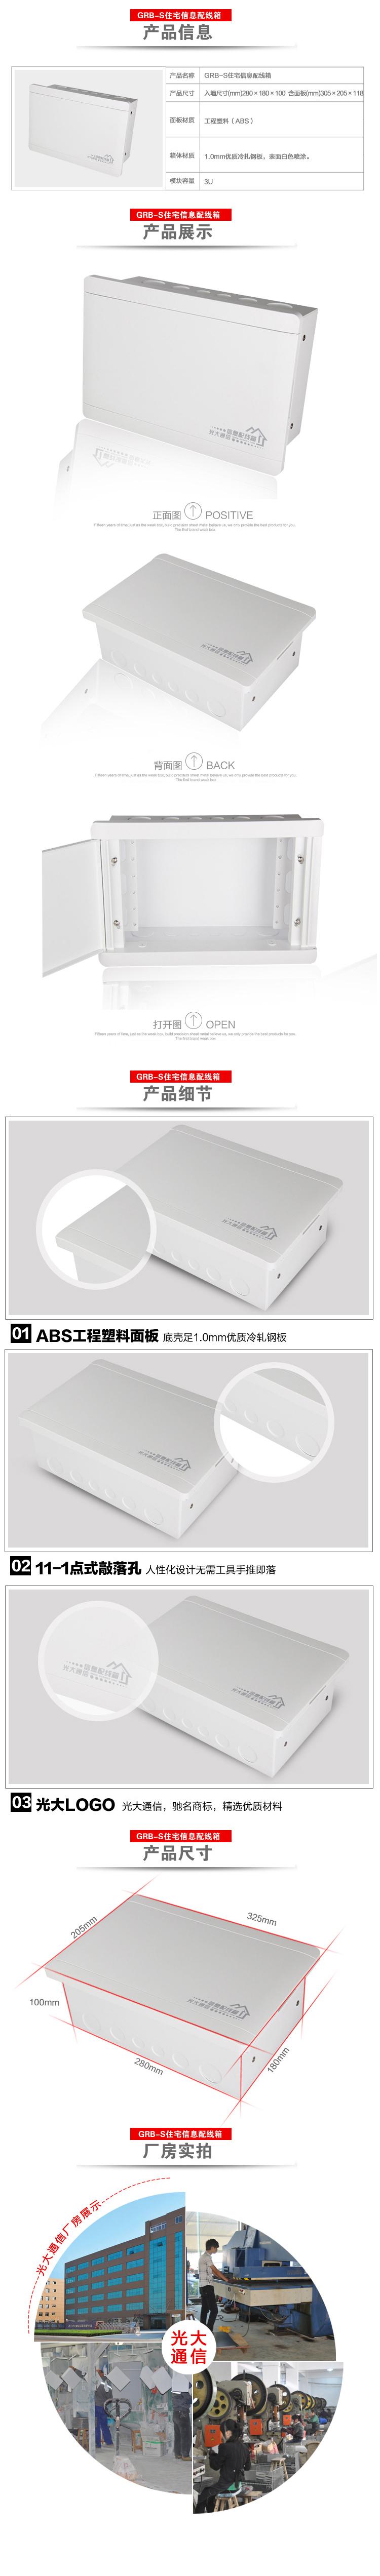 【光大】GRB-S信息配线箱 多媒体信息箱